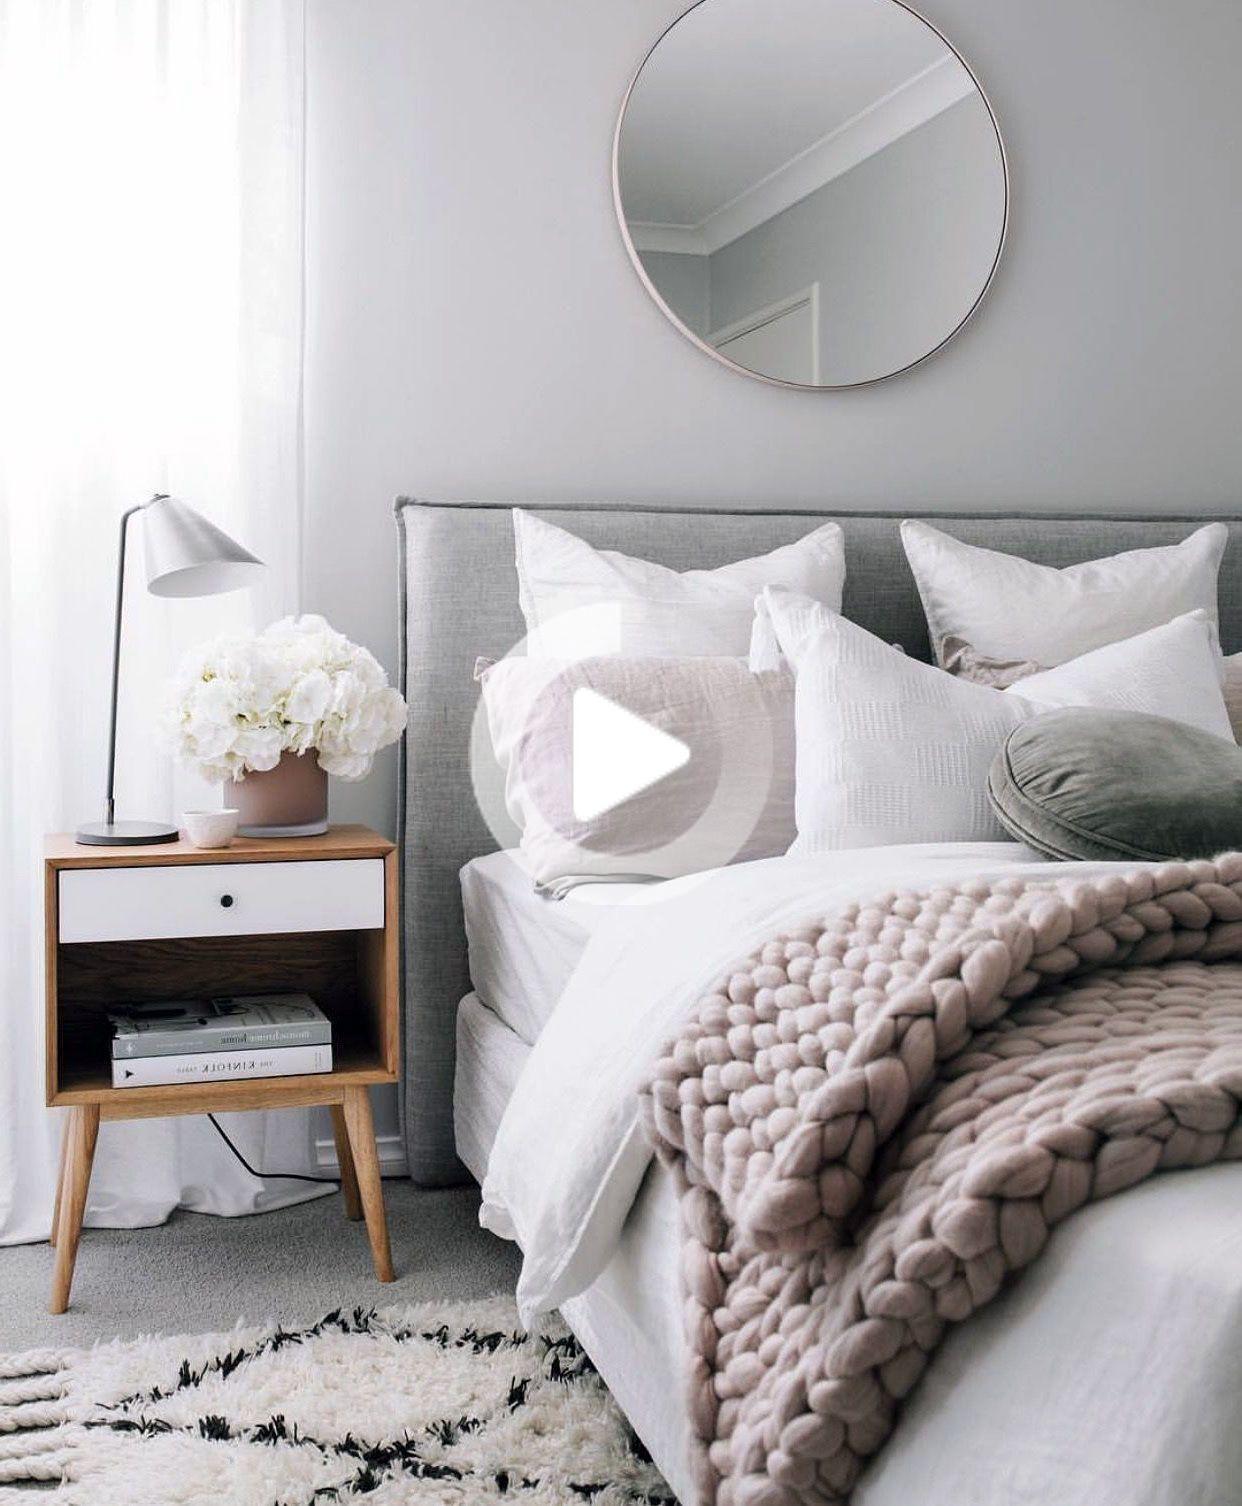 27 Grey Scandinavian Interior Bedroom Ideas You Must Try In 2020 Scandinavian Design Bedroom Apartment Bedroom Decor Scandinavian Interior Bedroom